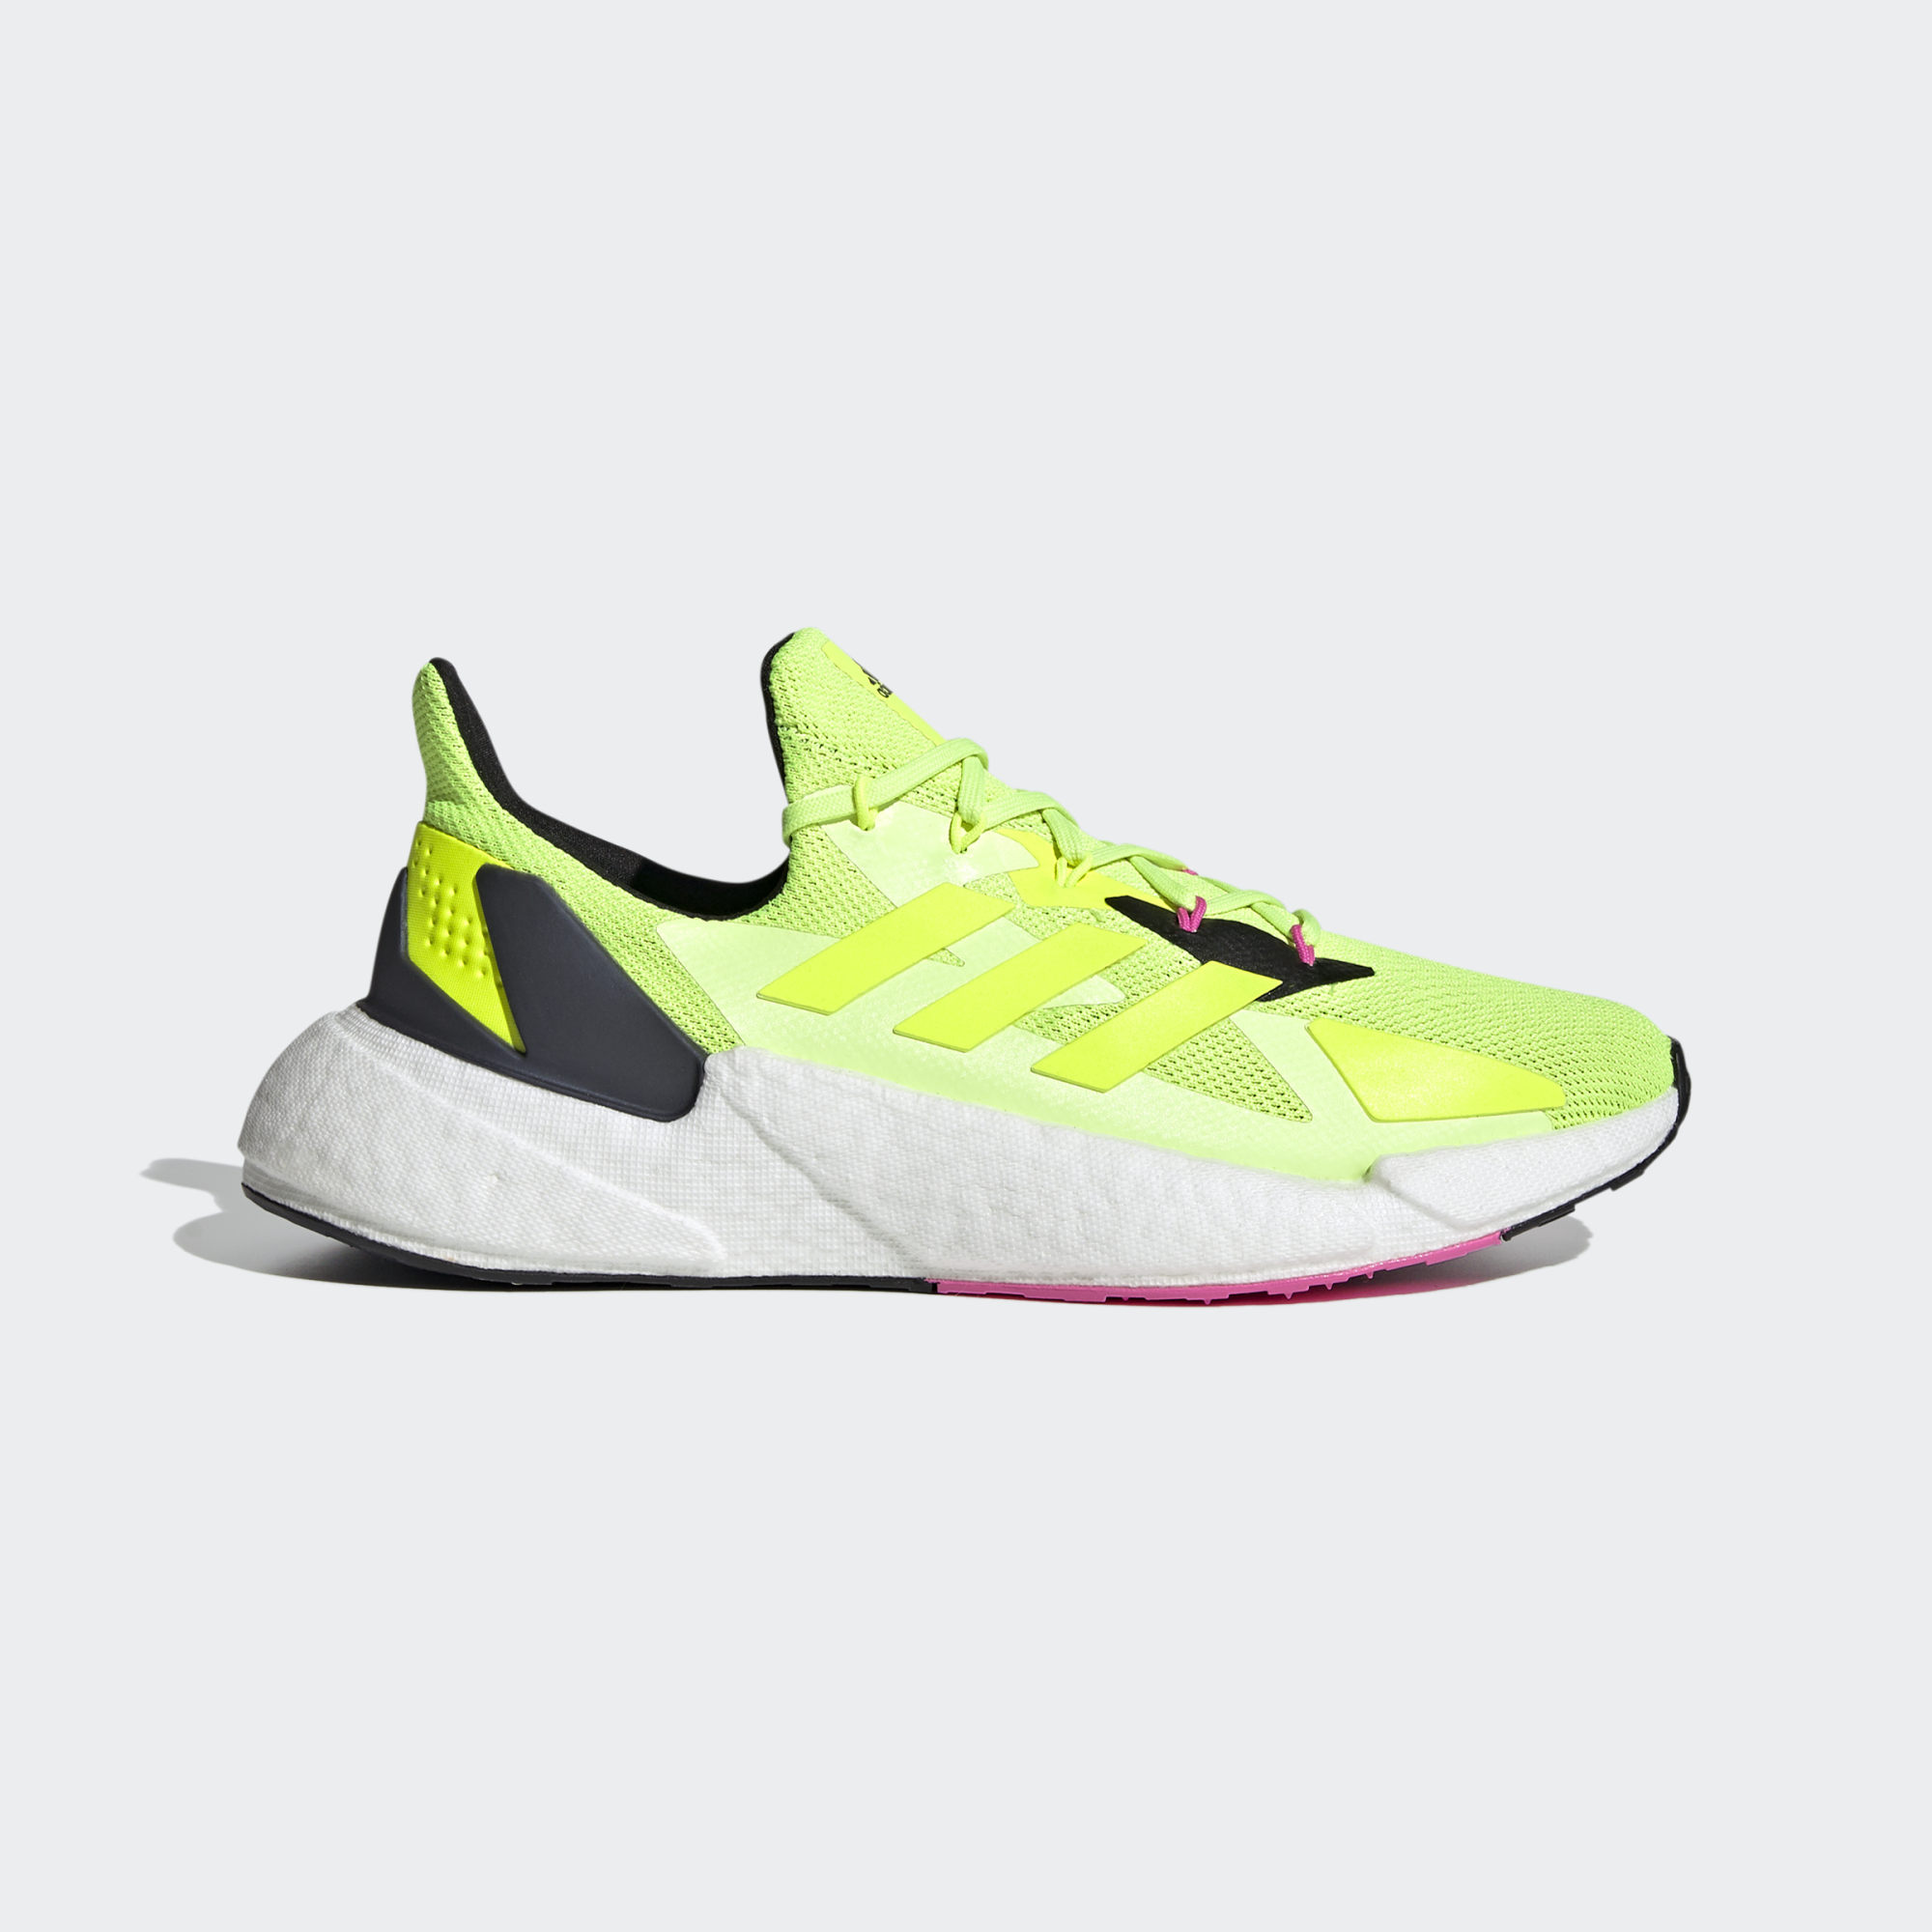 Zapatilla Adidas Unisex X9000L4, Nuevo Y Original, Desde ESPAÑA En 24h, Envíos Gratis!